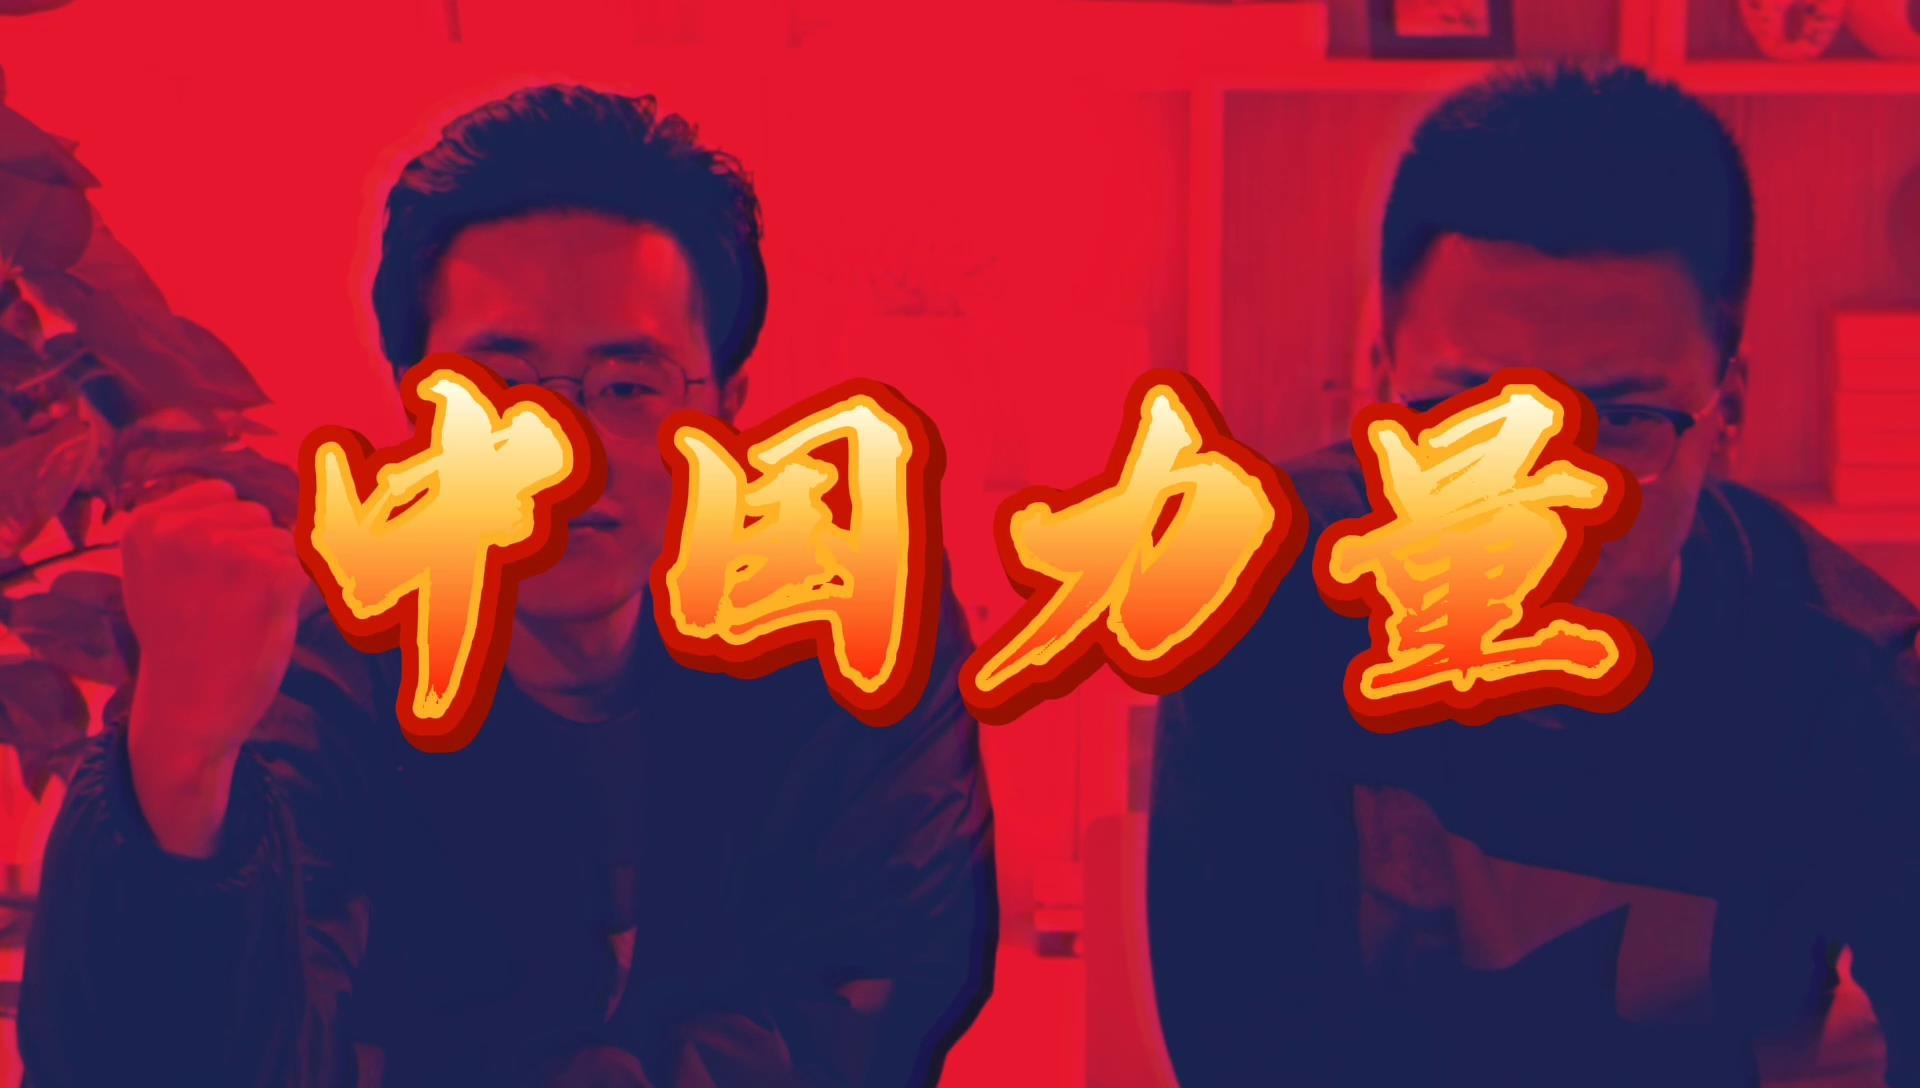 【26条來了】大陆5G来了,台湾朋友们你们准备好加入队伍了吗!图片